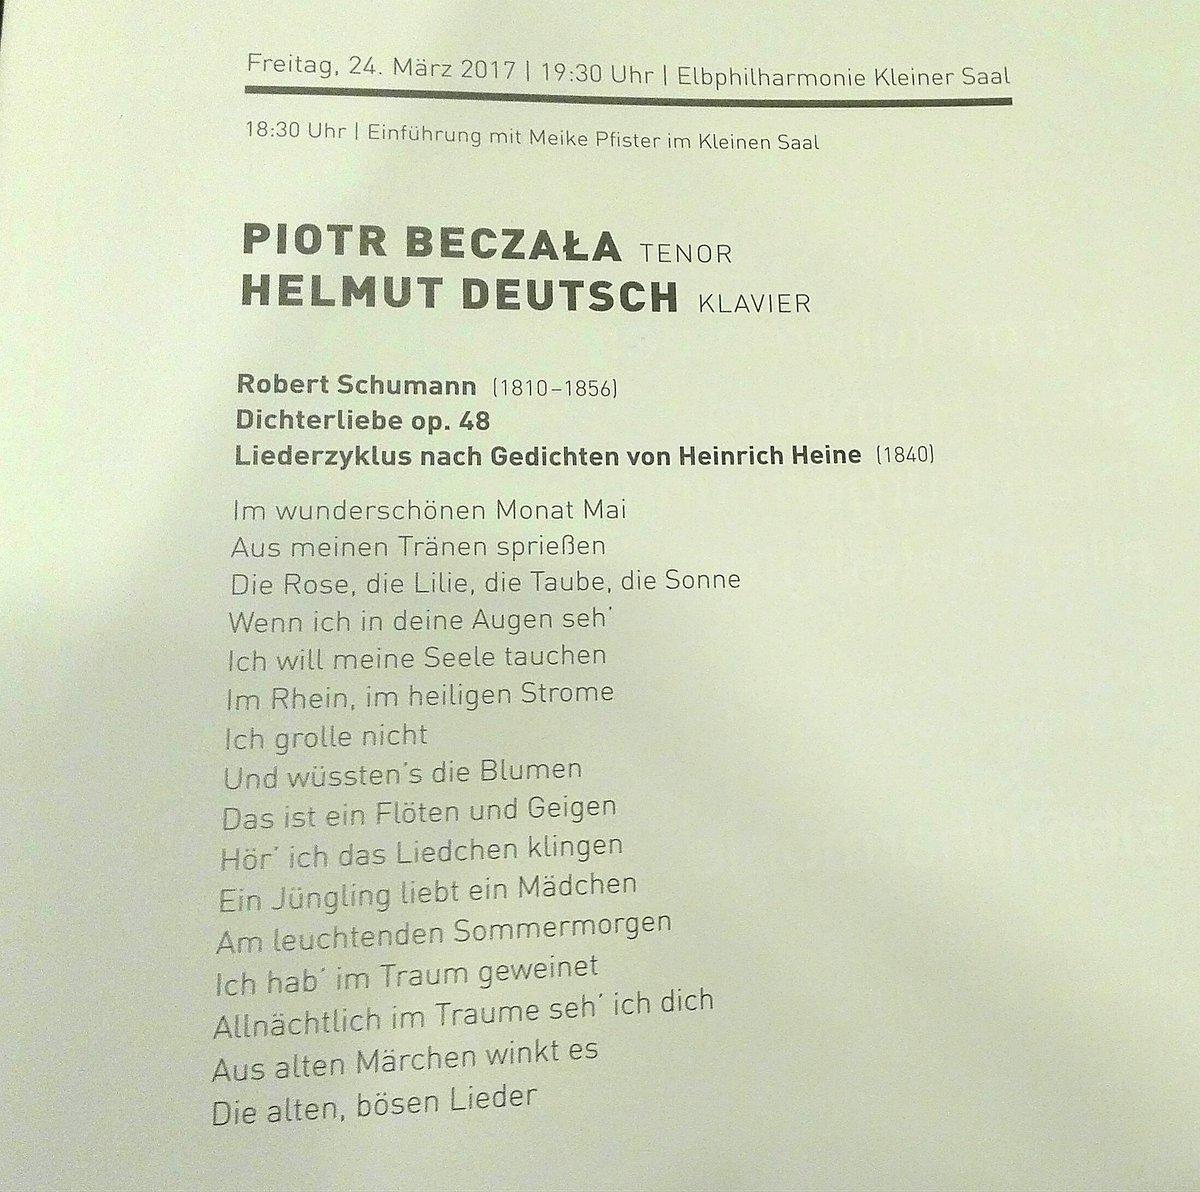 #Elbphilharmonie #Hamburg Liederabend  Piotr Beszala & Helmut Deutsch Programm https://t.co/C2lbJDGGTM